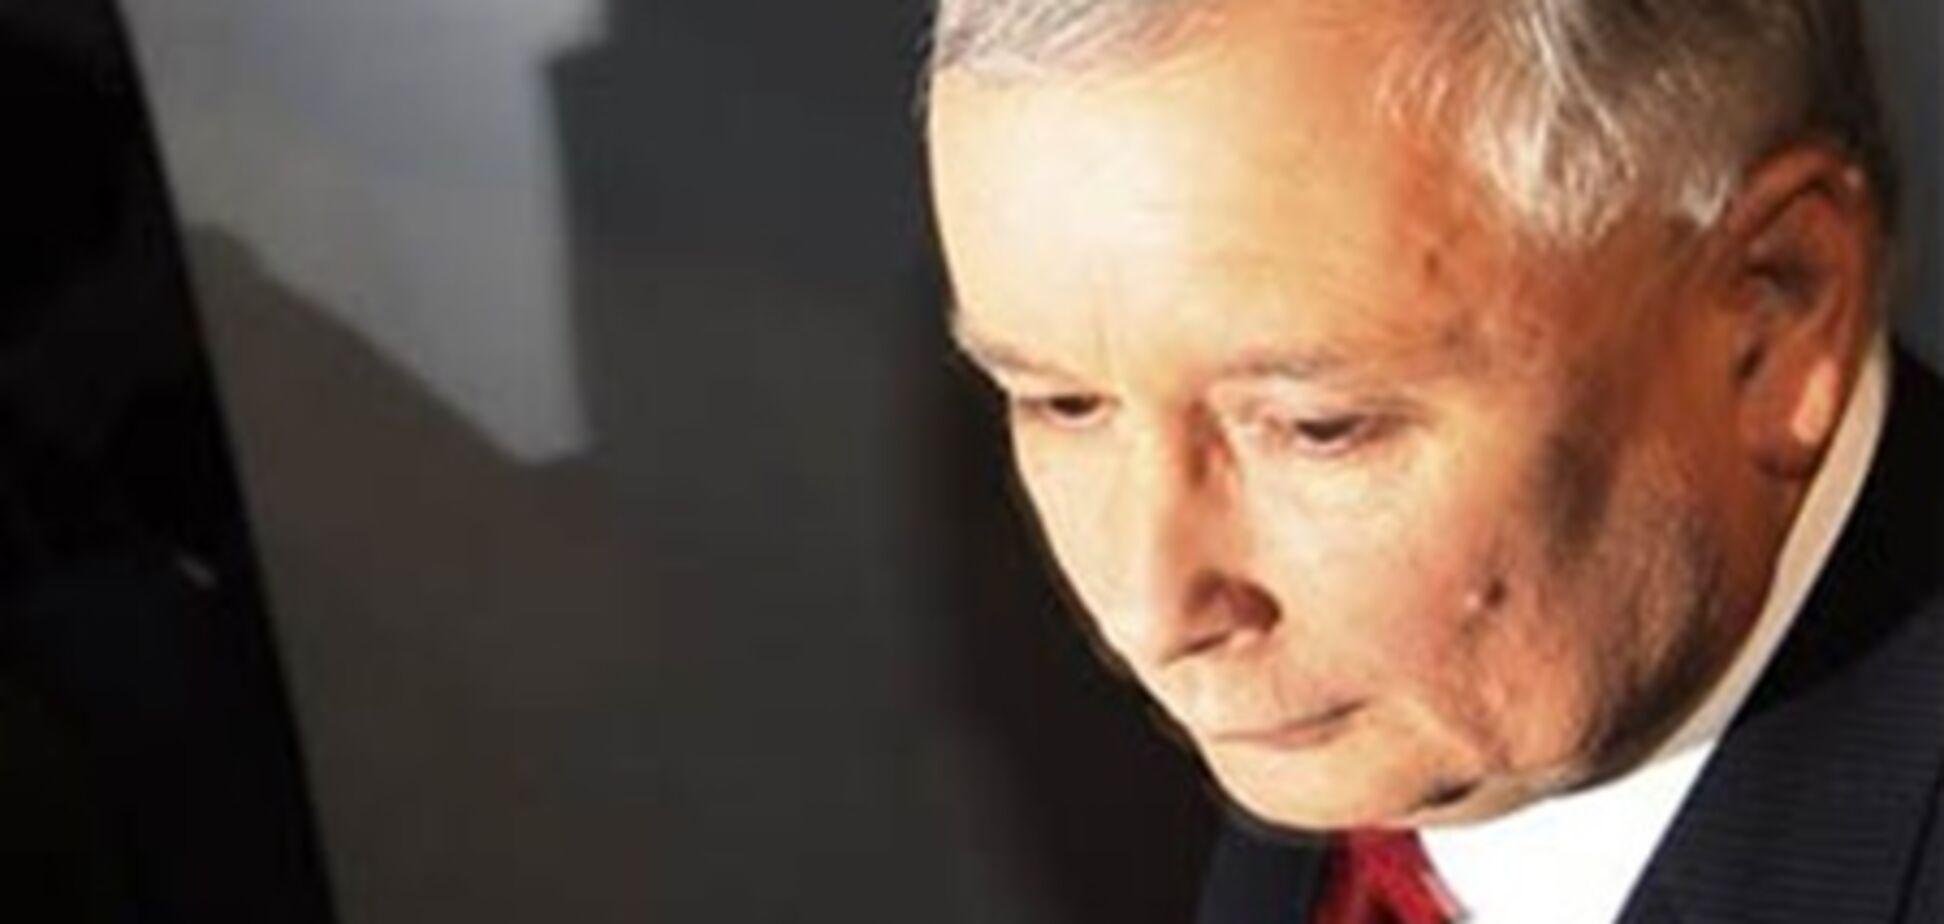 Ярослава Качиньського, можливо, хотіли вбити - ЗМІ